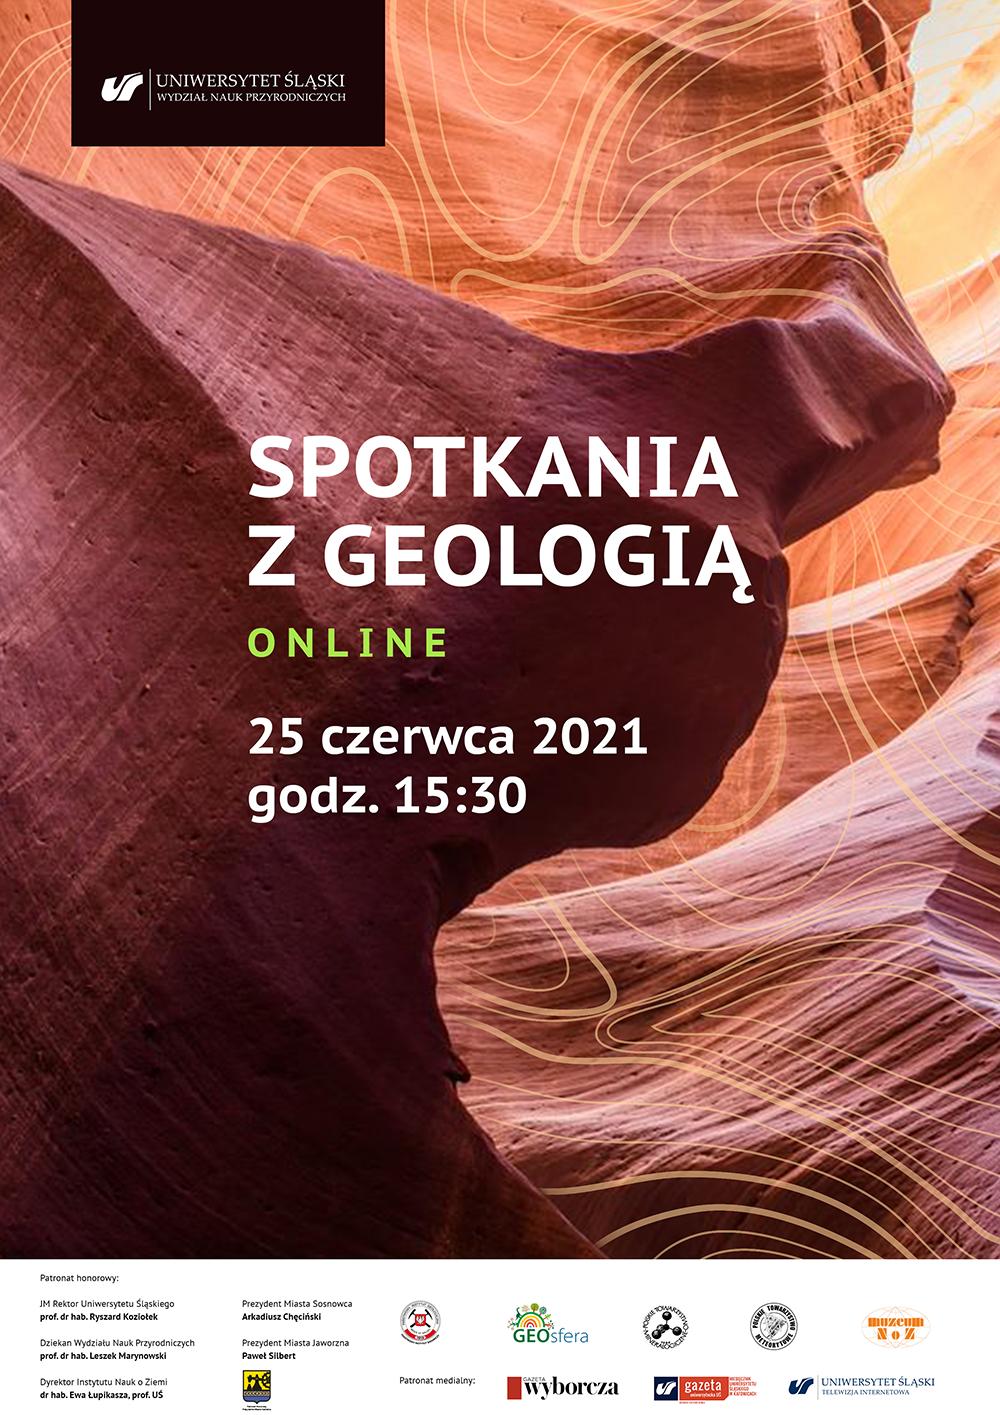 plakat promujący Spotkania z Geologią